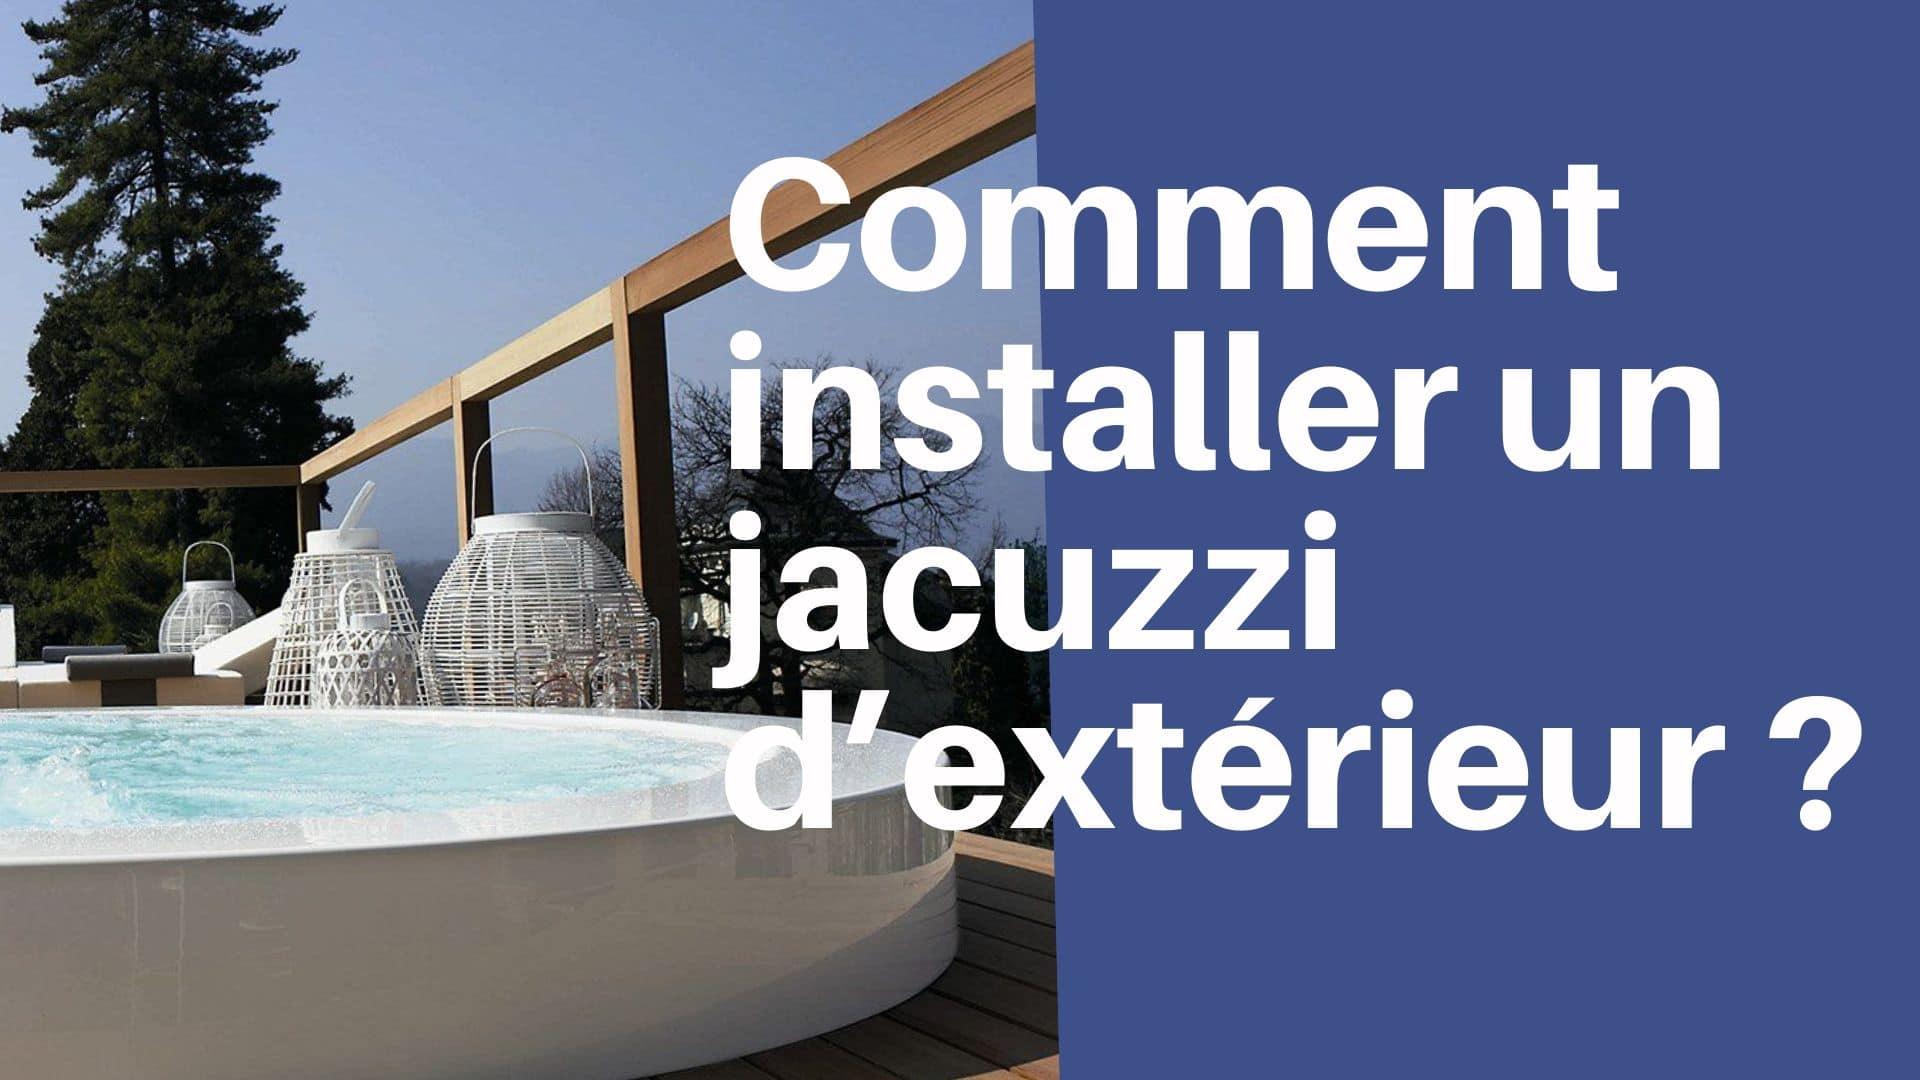 Comment Fonctionne Un Jacuzzi Gonflable comment installer un jacuzzi d'extérieur ?